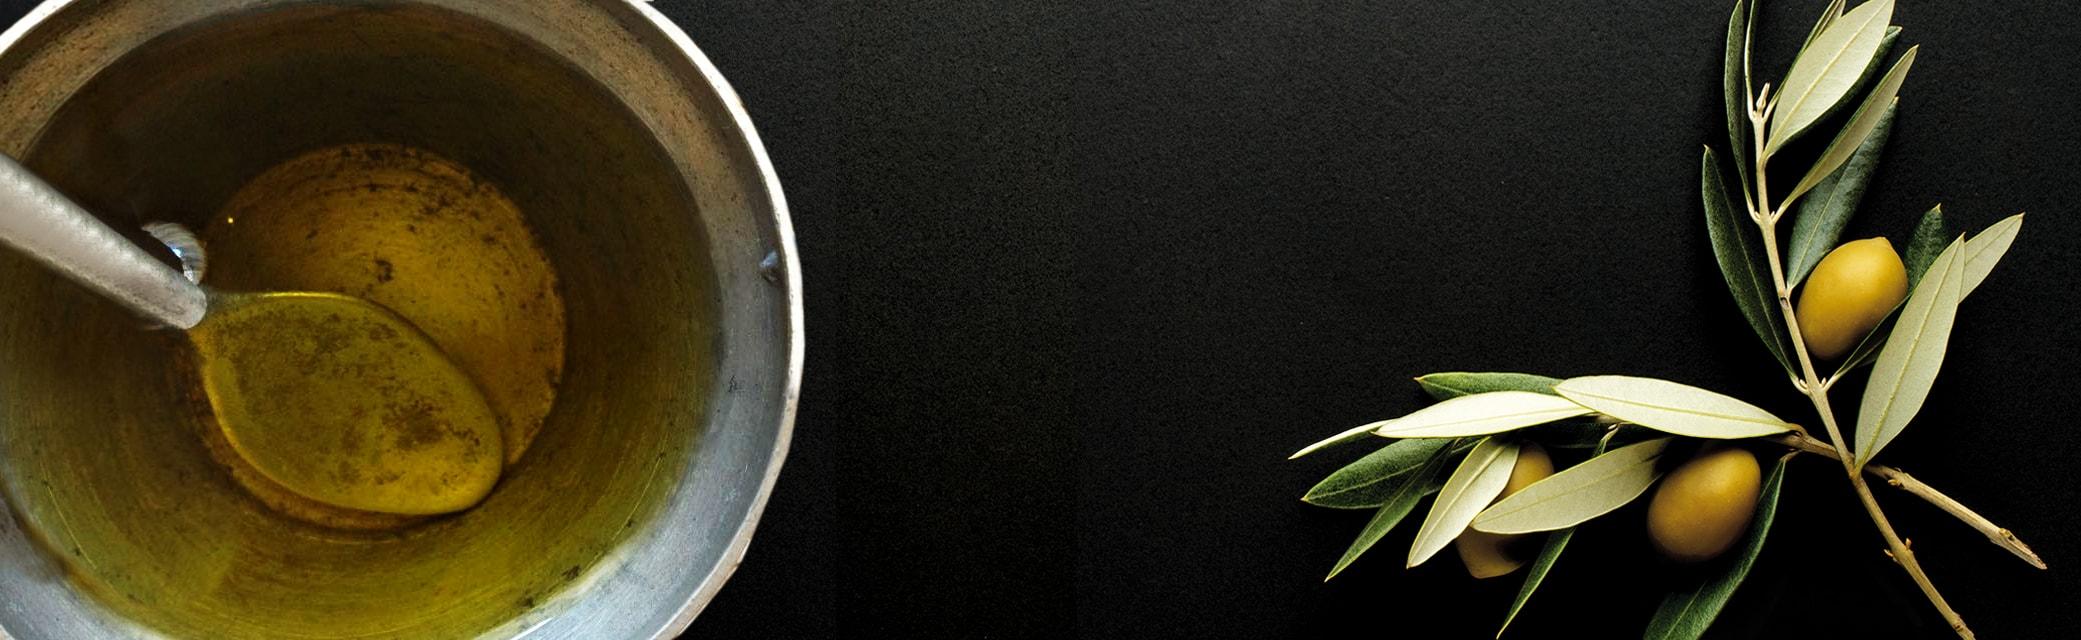 Aktys - Percorsi dal sapore diverso